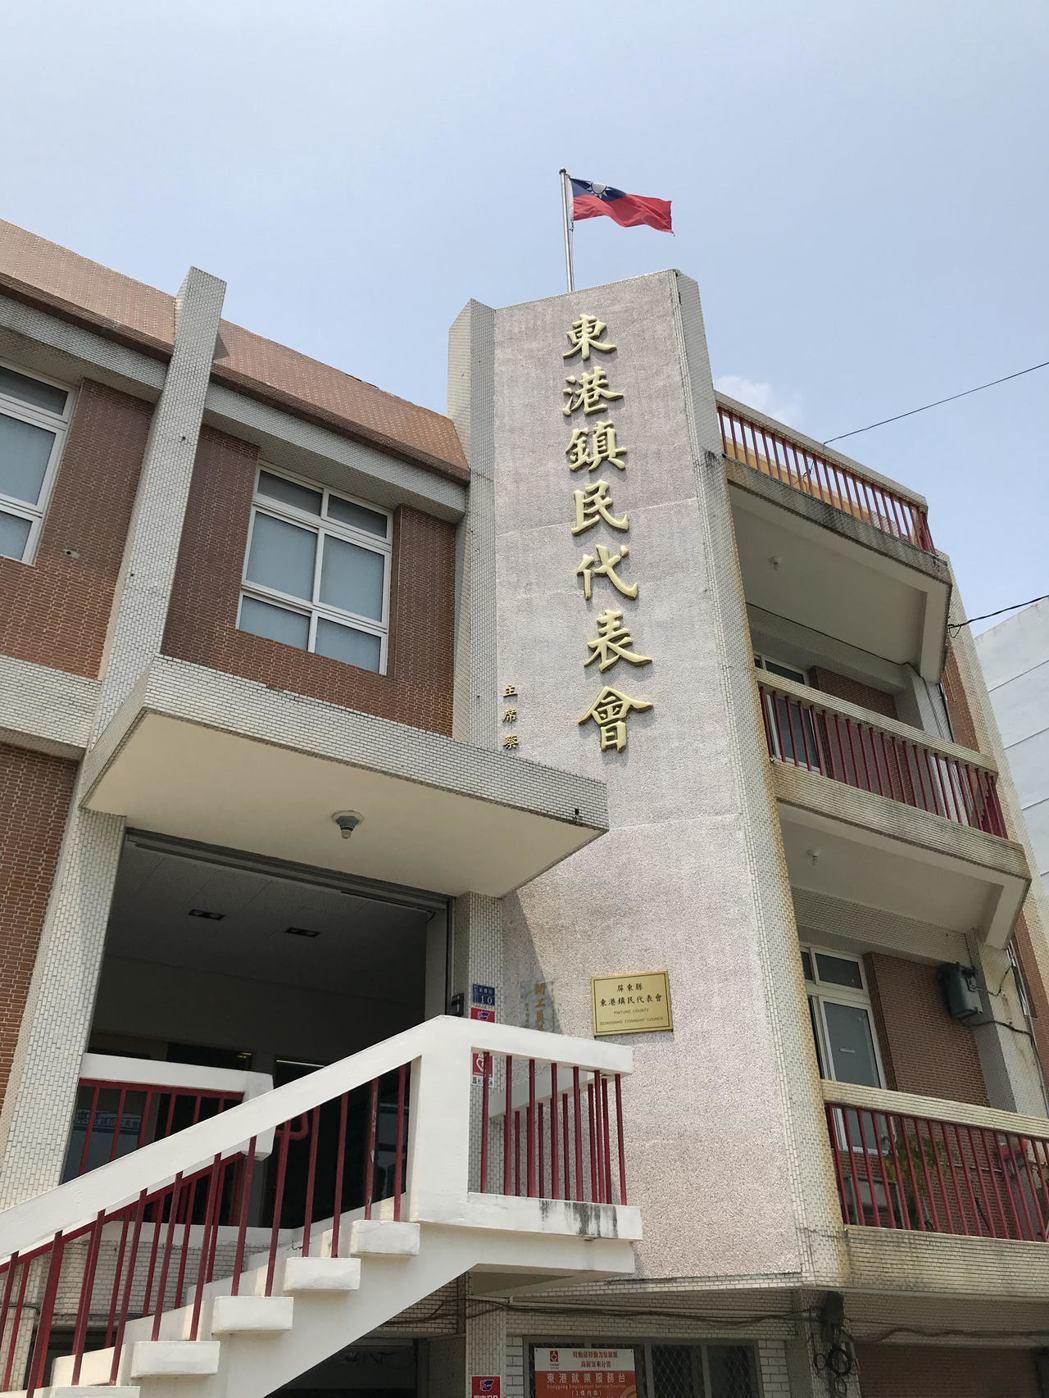 屏東縣東港鎮民代表會目前召開第20屆第16、17次臨時會。記者蔣繼平/攝影